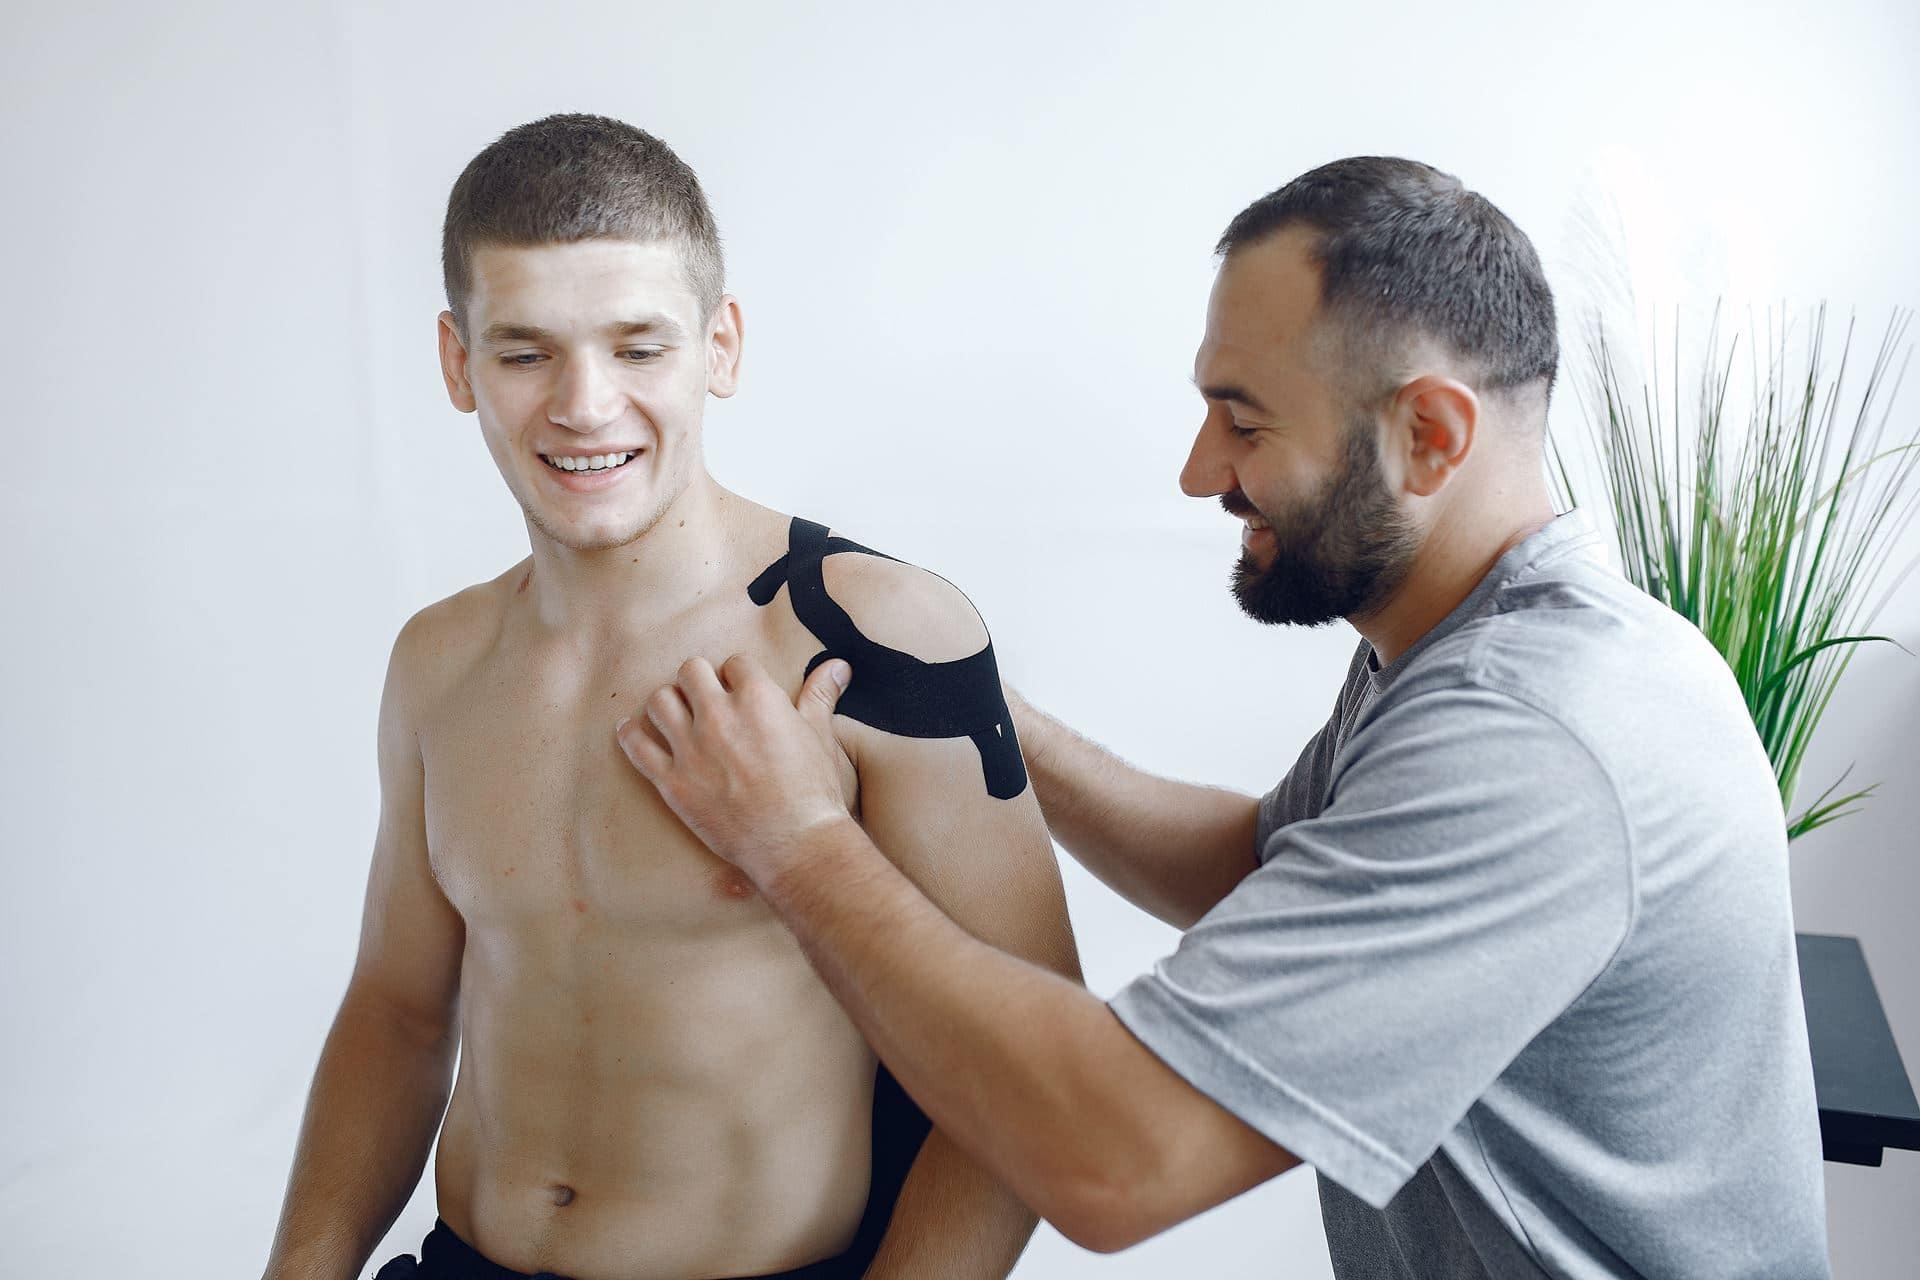 פיזיותרפיה לכתף, Restart Therapy שיקום פרטי בבית הלקוח